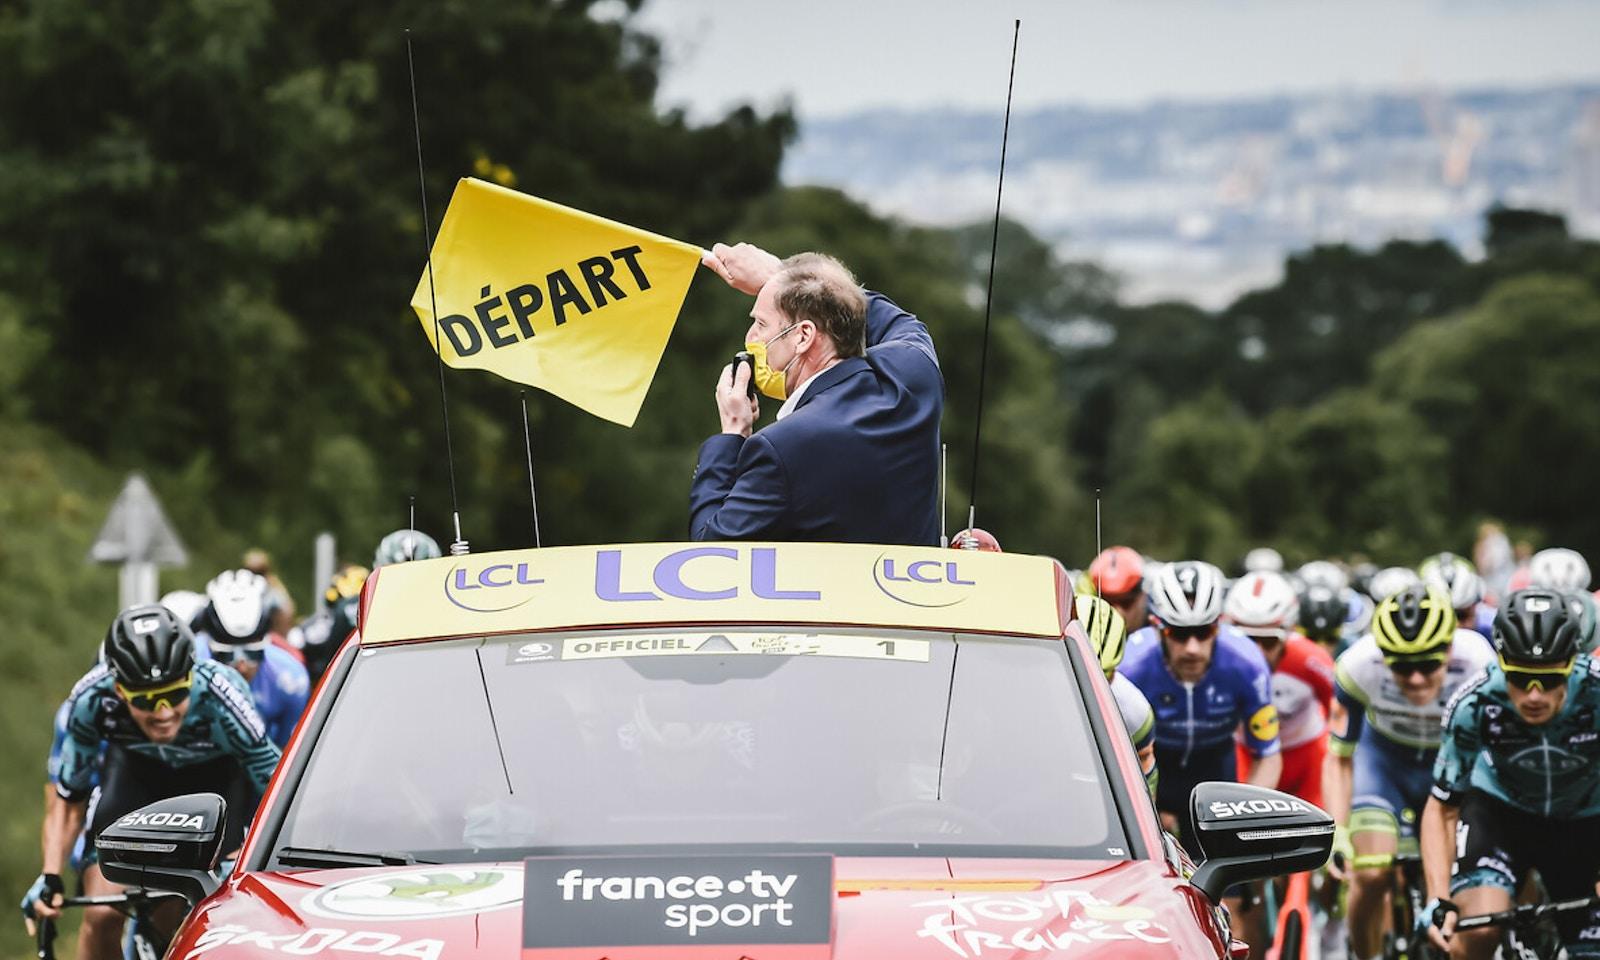 Tour de France 2021: Stage One Recap